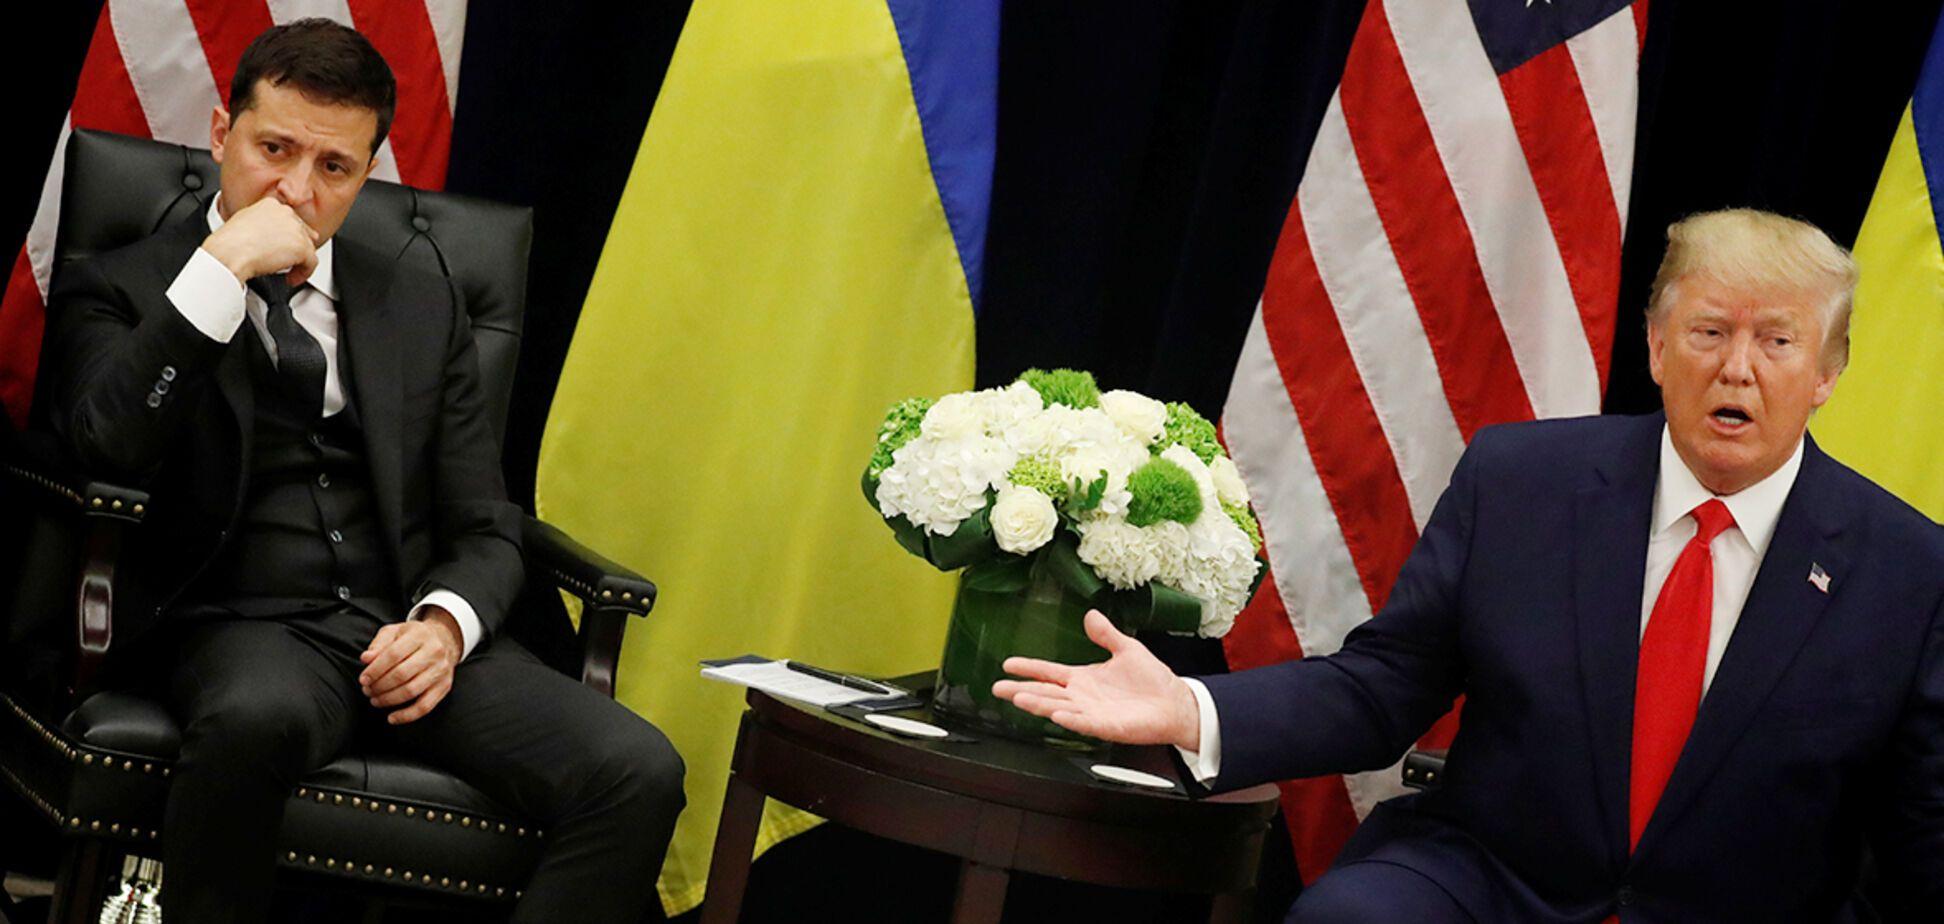 Трамп запустил дискуссию, что такое США, Зеленский – что такое Украина